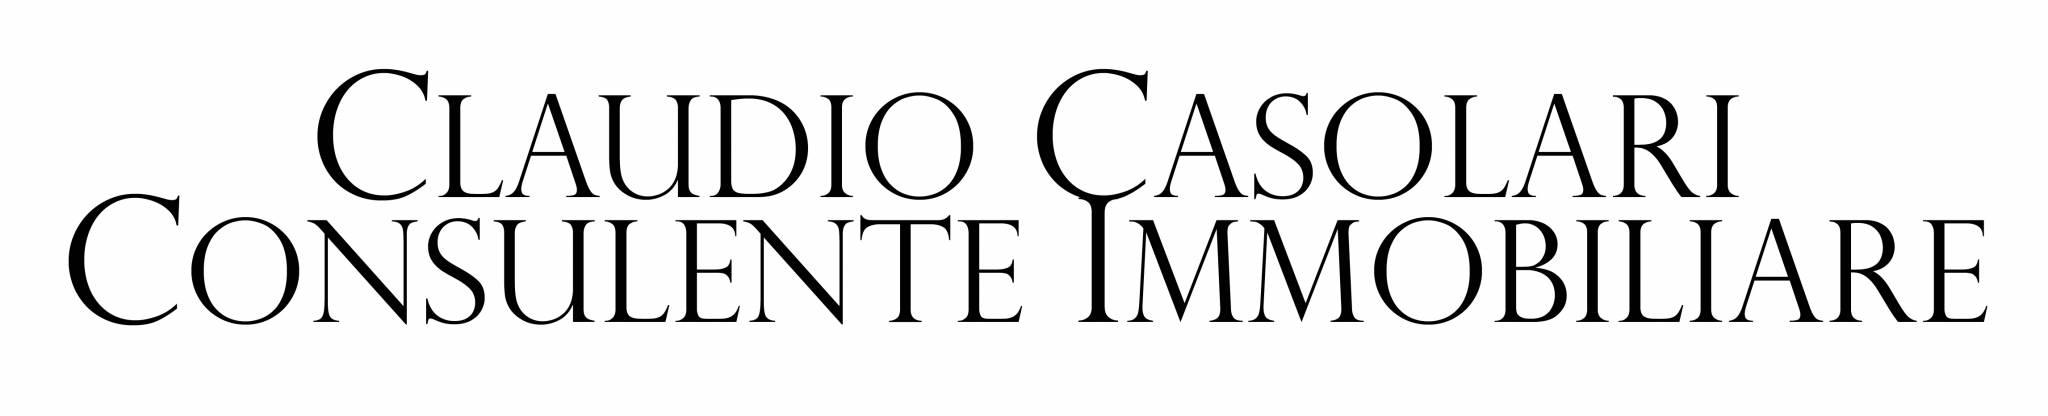 Claudio Casolari Consulente Immobiliare